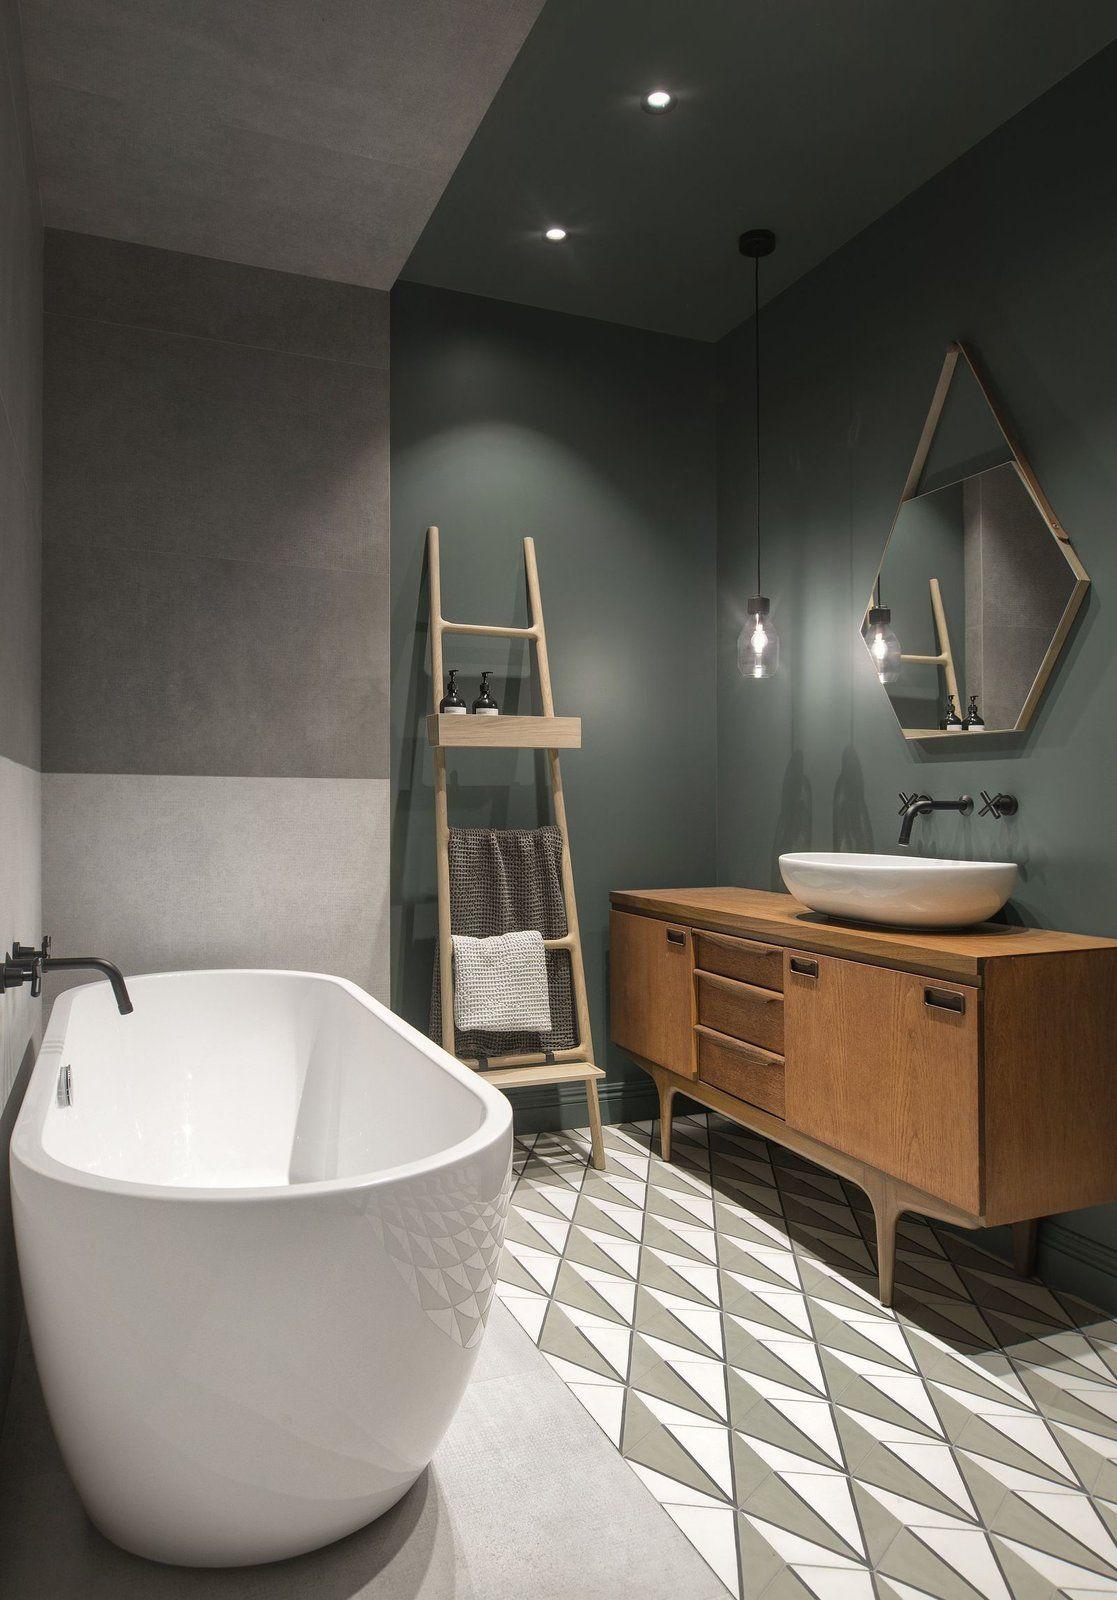 Interior Kg By Int2 Architecture Arredamento Bagno Design Bagno Rustico Bagno Interno